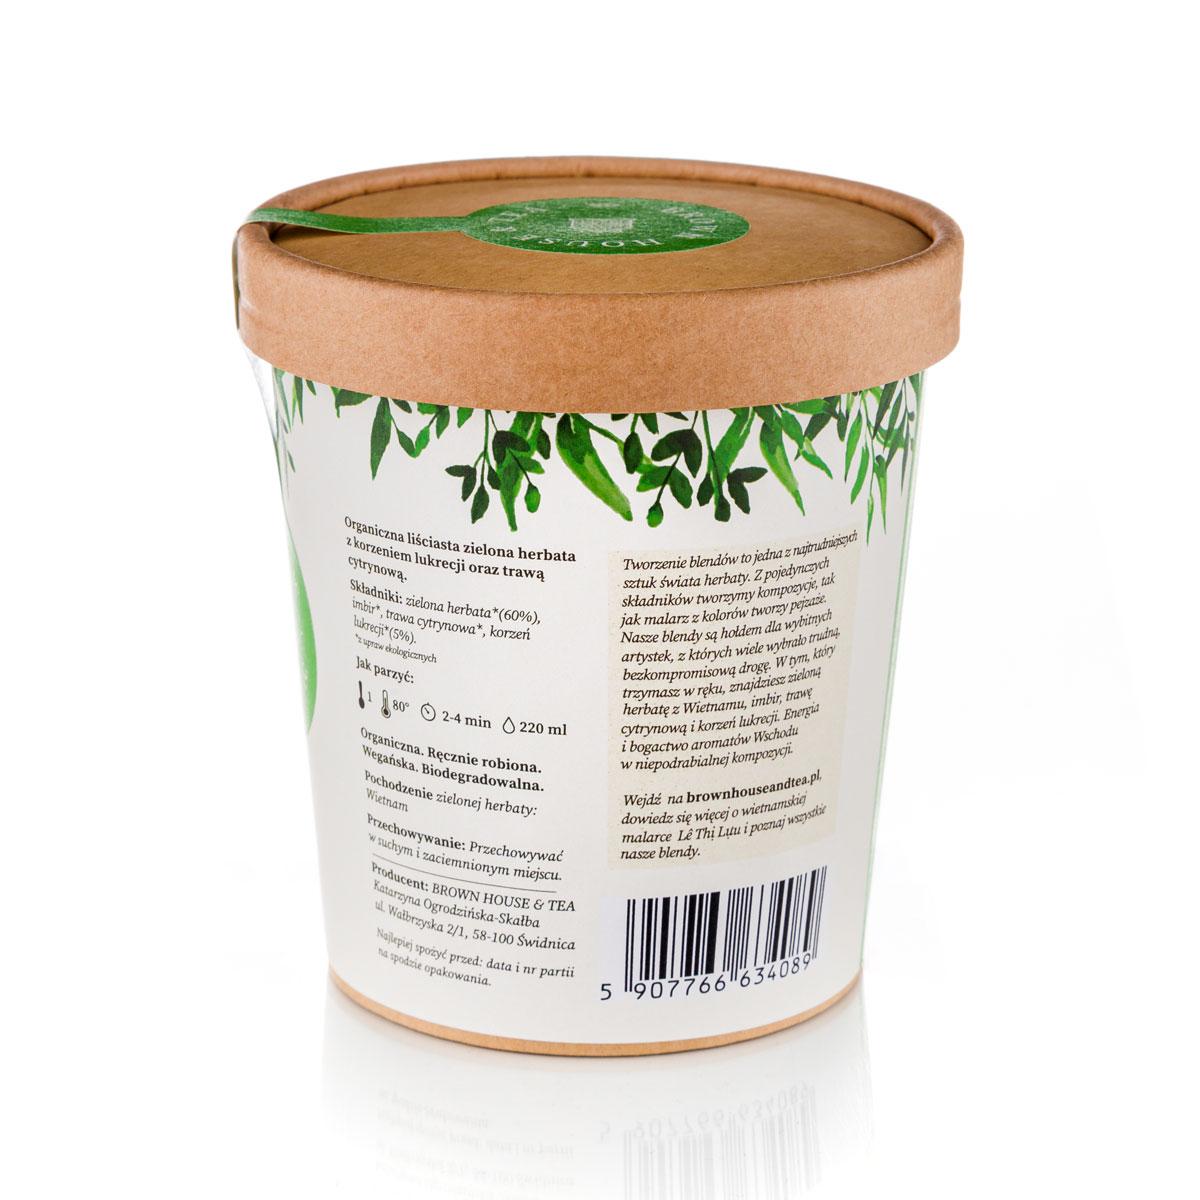 Kraftowa herbata Luu to wyraz kreatywnego podejścia do herbacianych blendów. Otwarcie się na połączenie różnych smaków pozwoliło stworzyć mieszankę w pełni zaspokajającą zmysły smaku i zapachu, ale też estetyczne. Dzięki zastosowaniu korzenia lukrecji, zyskała ona nieocenione właściwości zdrowotne, które z pewnością doceni każdy, kto na co dzień zmaga się z różnymi dolegliwościami, z jakimi radzi sobie ta niezwykła roślina. Lekka goryczka zielonej herbaty, słodycz lukrecji, delikatnie wyczuwalna cytrusowa, lekko kwaskowa nuta trawy cytrynowej i intensywny, pełen charakteru imbir. To wszystko sprawia, że Luu smakuje orzeźwiająco, trochę słodko, lekko ostro i zupełnie nie jest cierpka. Każdy ze składników tego bardzo ciekawego blendu ma właściwości zdrowotne. Jednak to lukrecja wysuwa się tutaj na prowadzenie. Po pierwsze, dlatego że to rzadki dodatek do herbat. Po drugie, ze względu na to, jak wielowymiarowo wpływa na nasz organizm, w tym także na skórę! Ekstrakt z lukrecji ma udowodnio